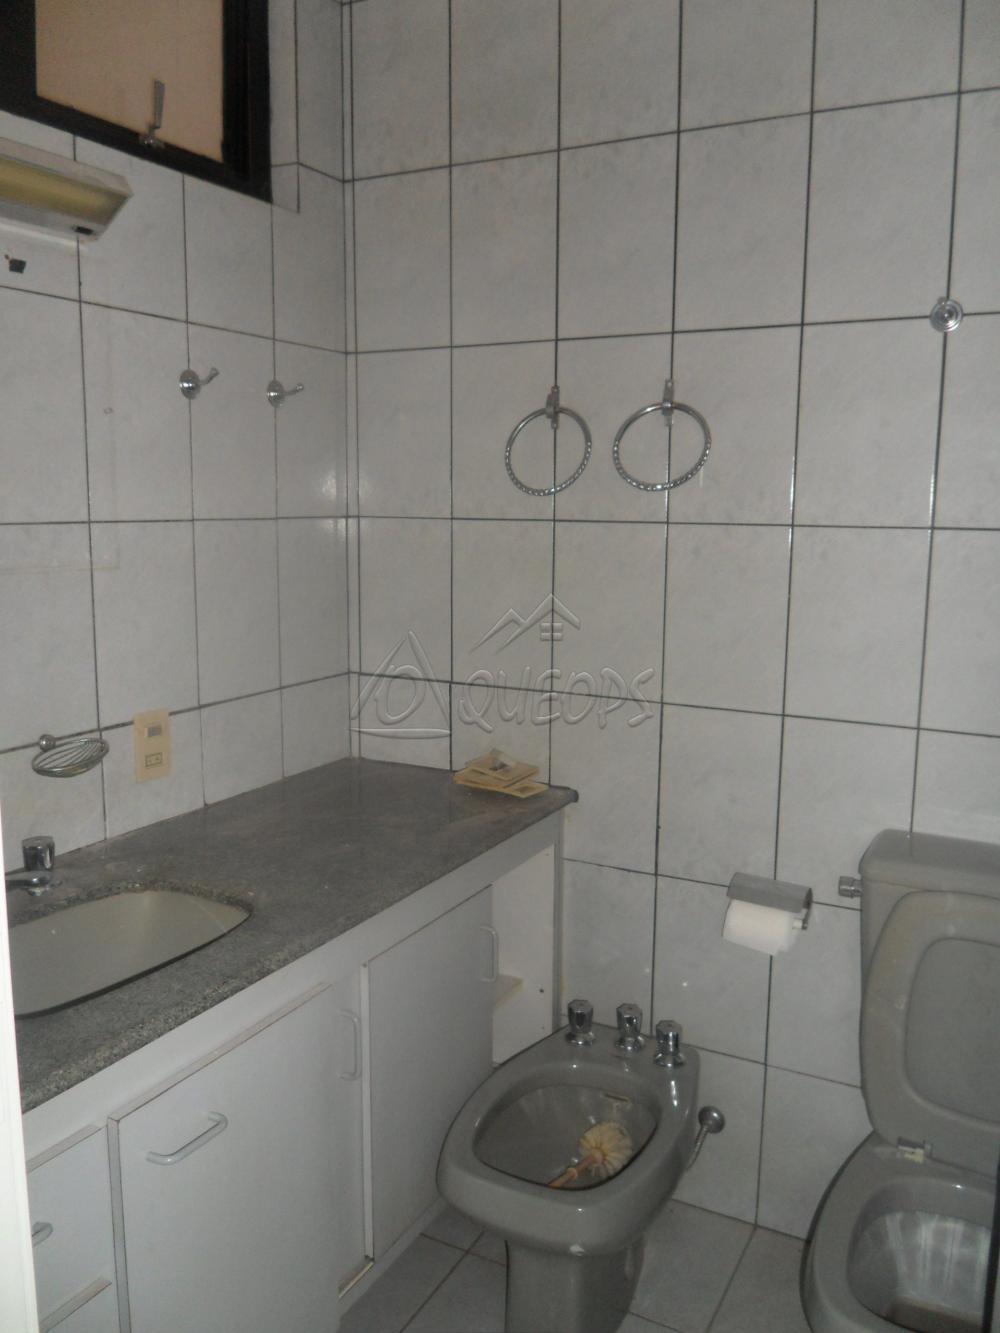 Comprar Apartamento / Padrão em Barretos apenas R$ 680.000,00 - Foto 19